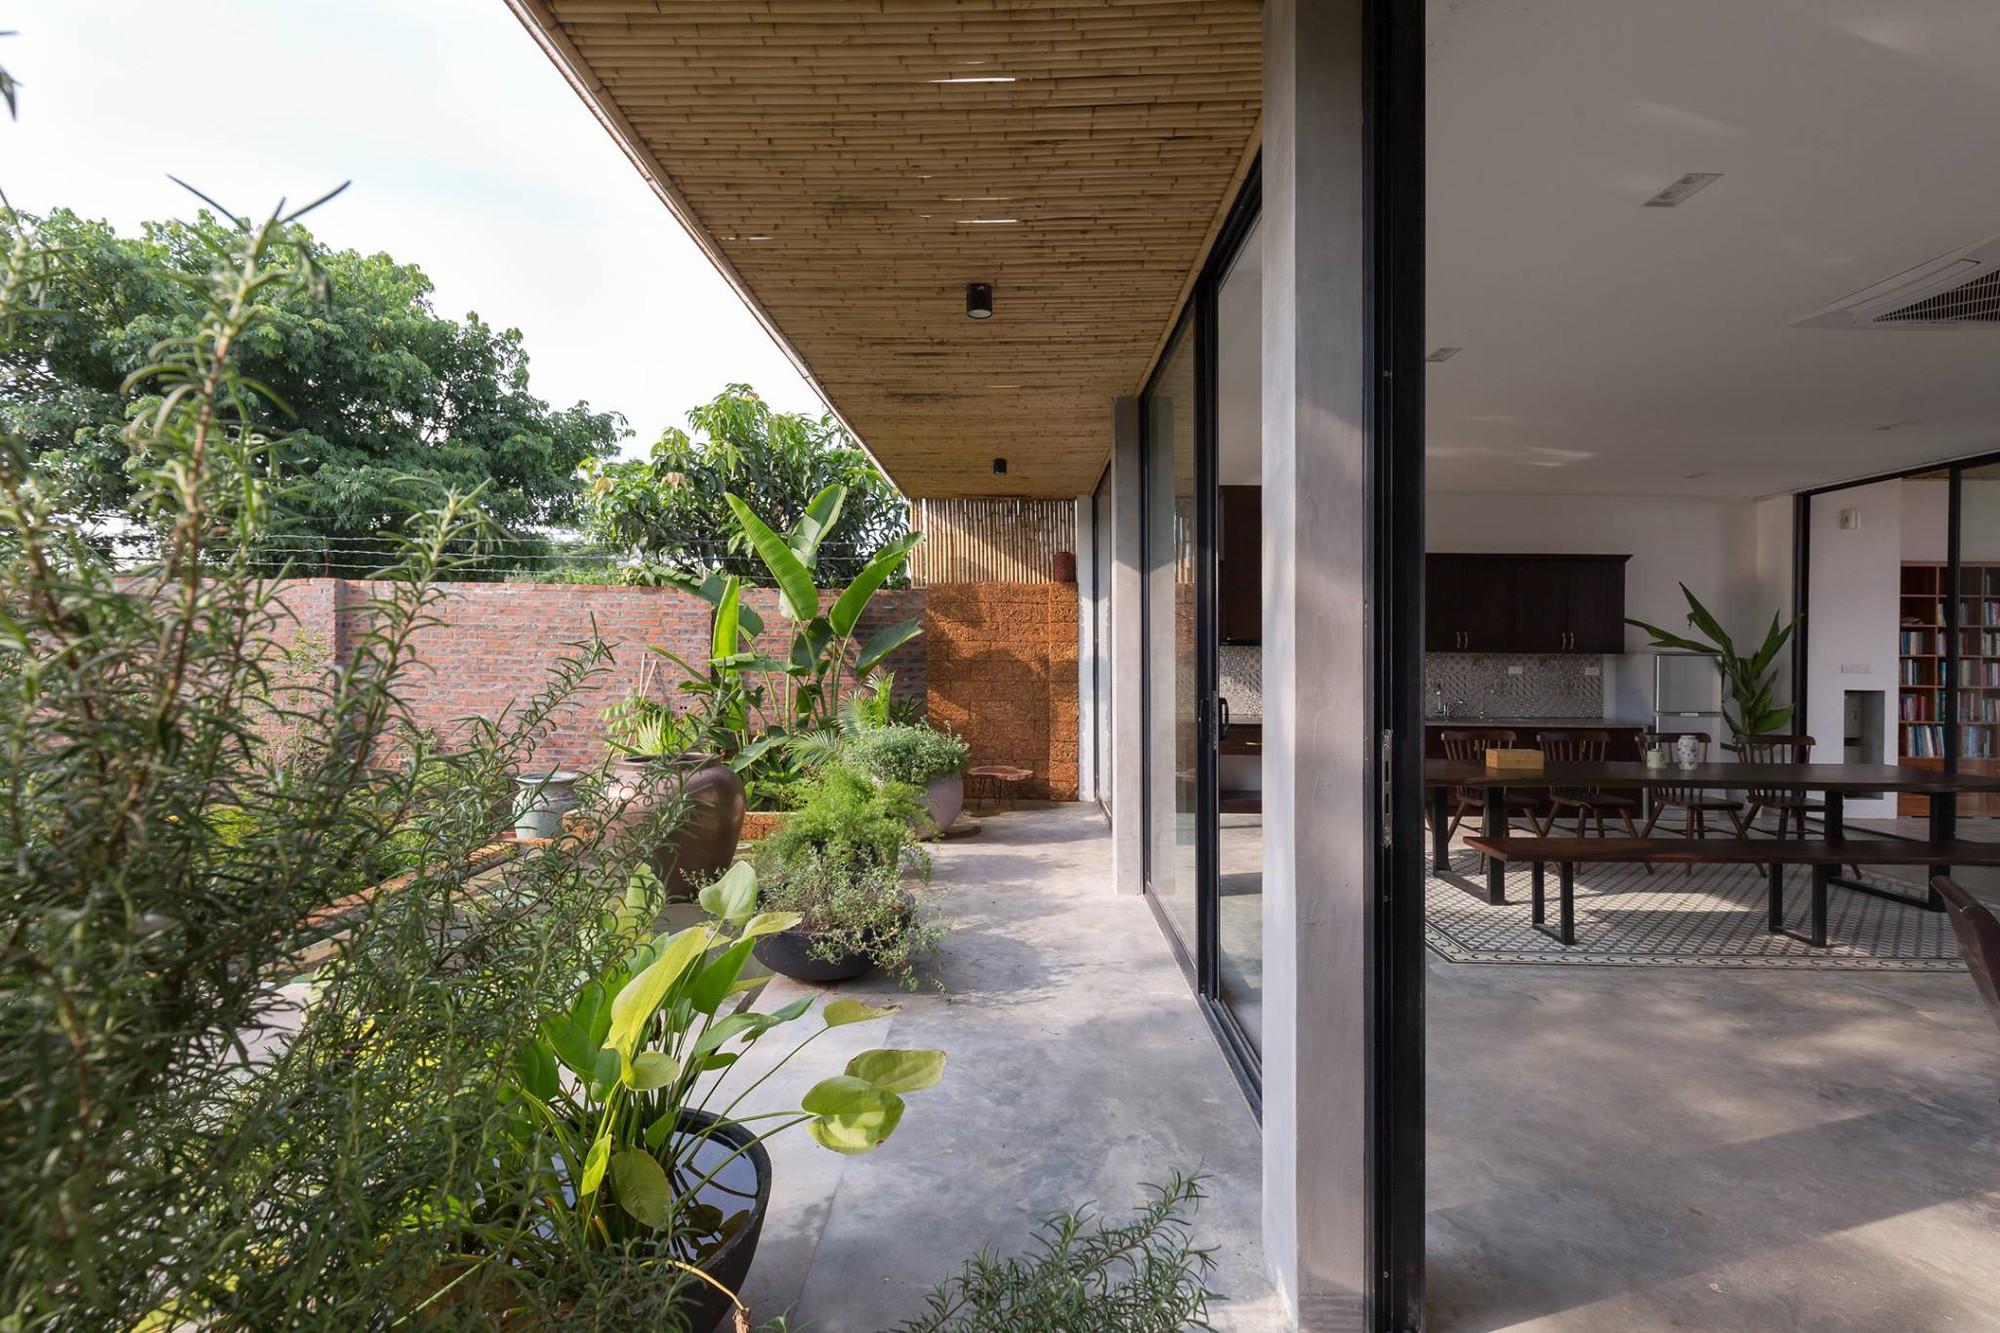 Ngôi nhà cấp 4 chan hòa ánh nắng và cây xanh mang lại vẻ yên bình đến khó tin ở Hà Nội - Ảnh 4.